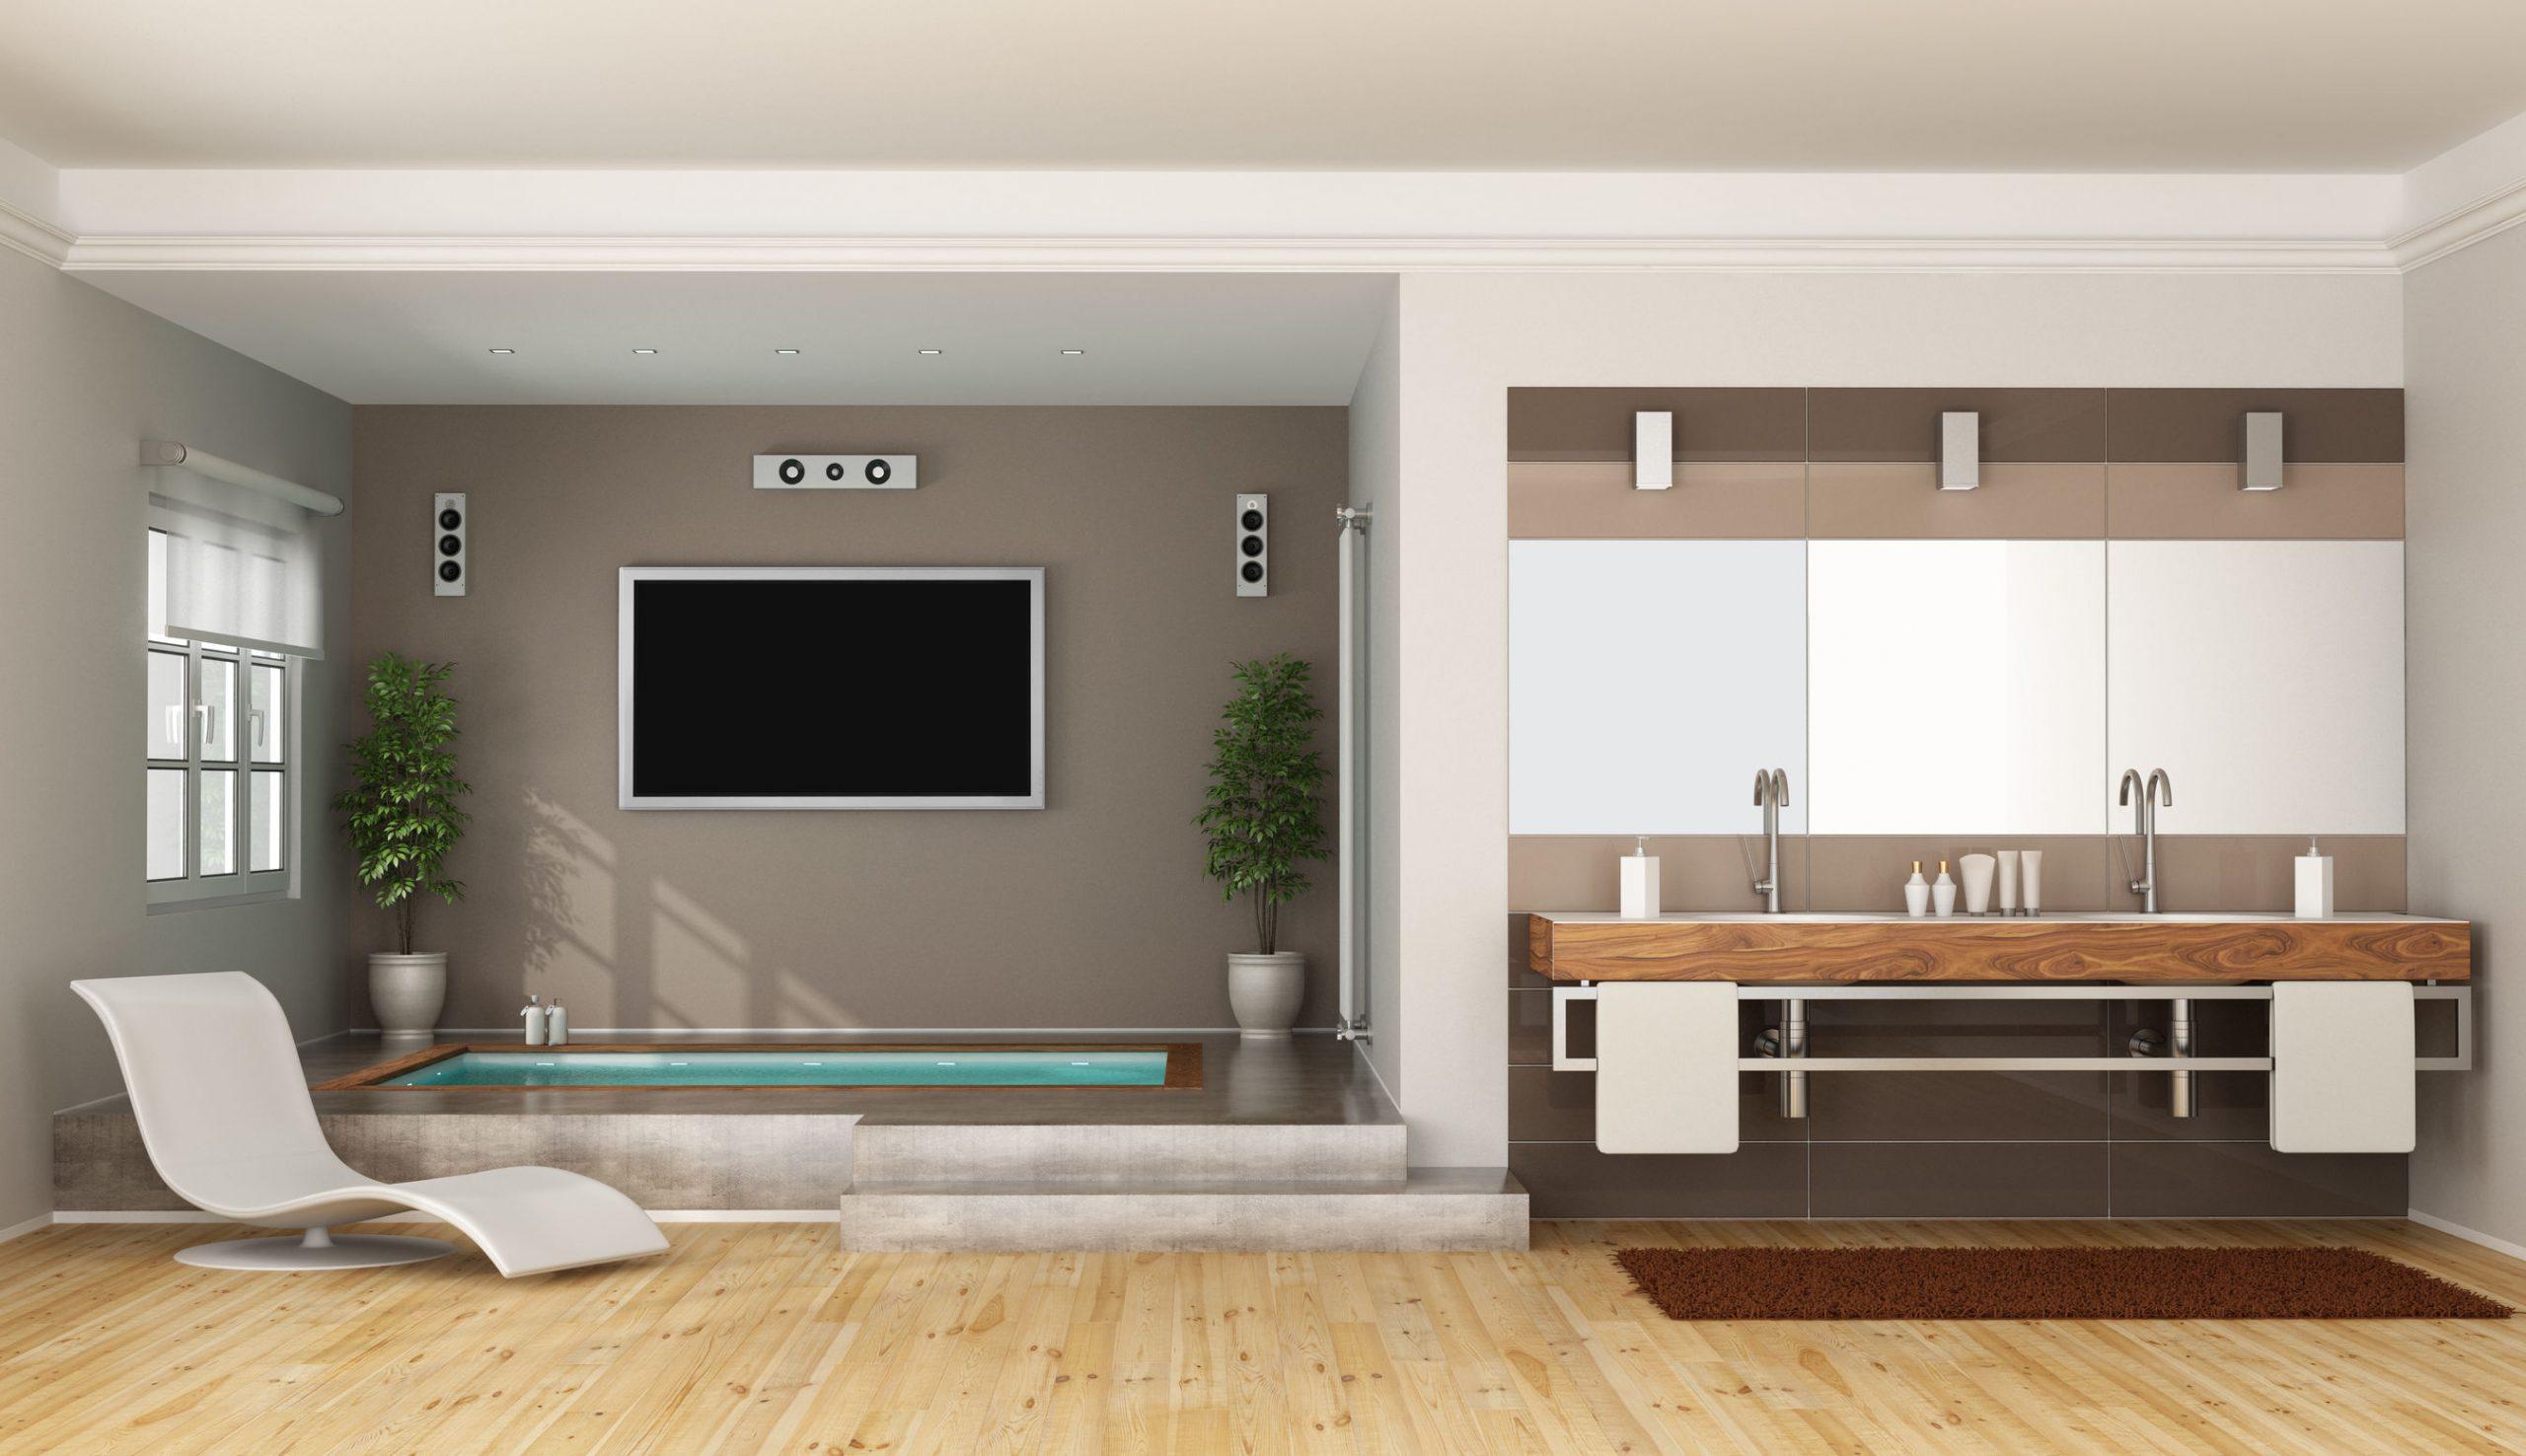 Existen varios tipos de muebles de baño, como encimeras, estanterías, armarios o gabinetes. Todos te ayudan a dar un toque especial a tus espacios.